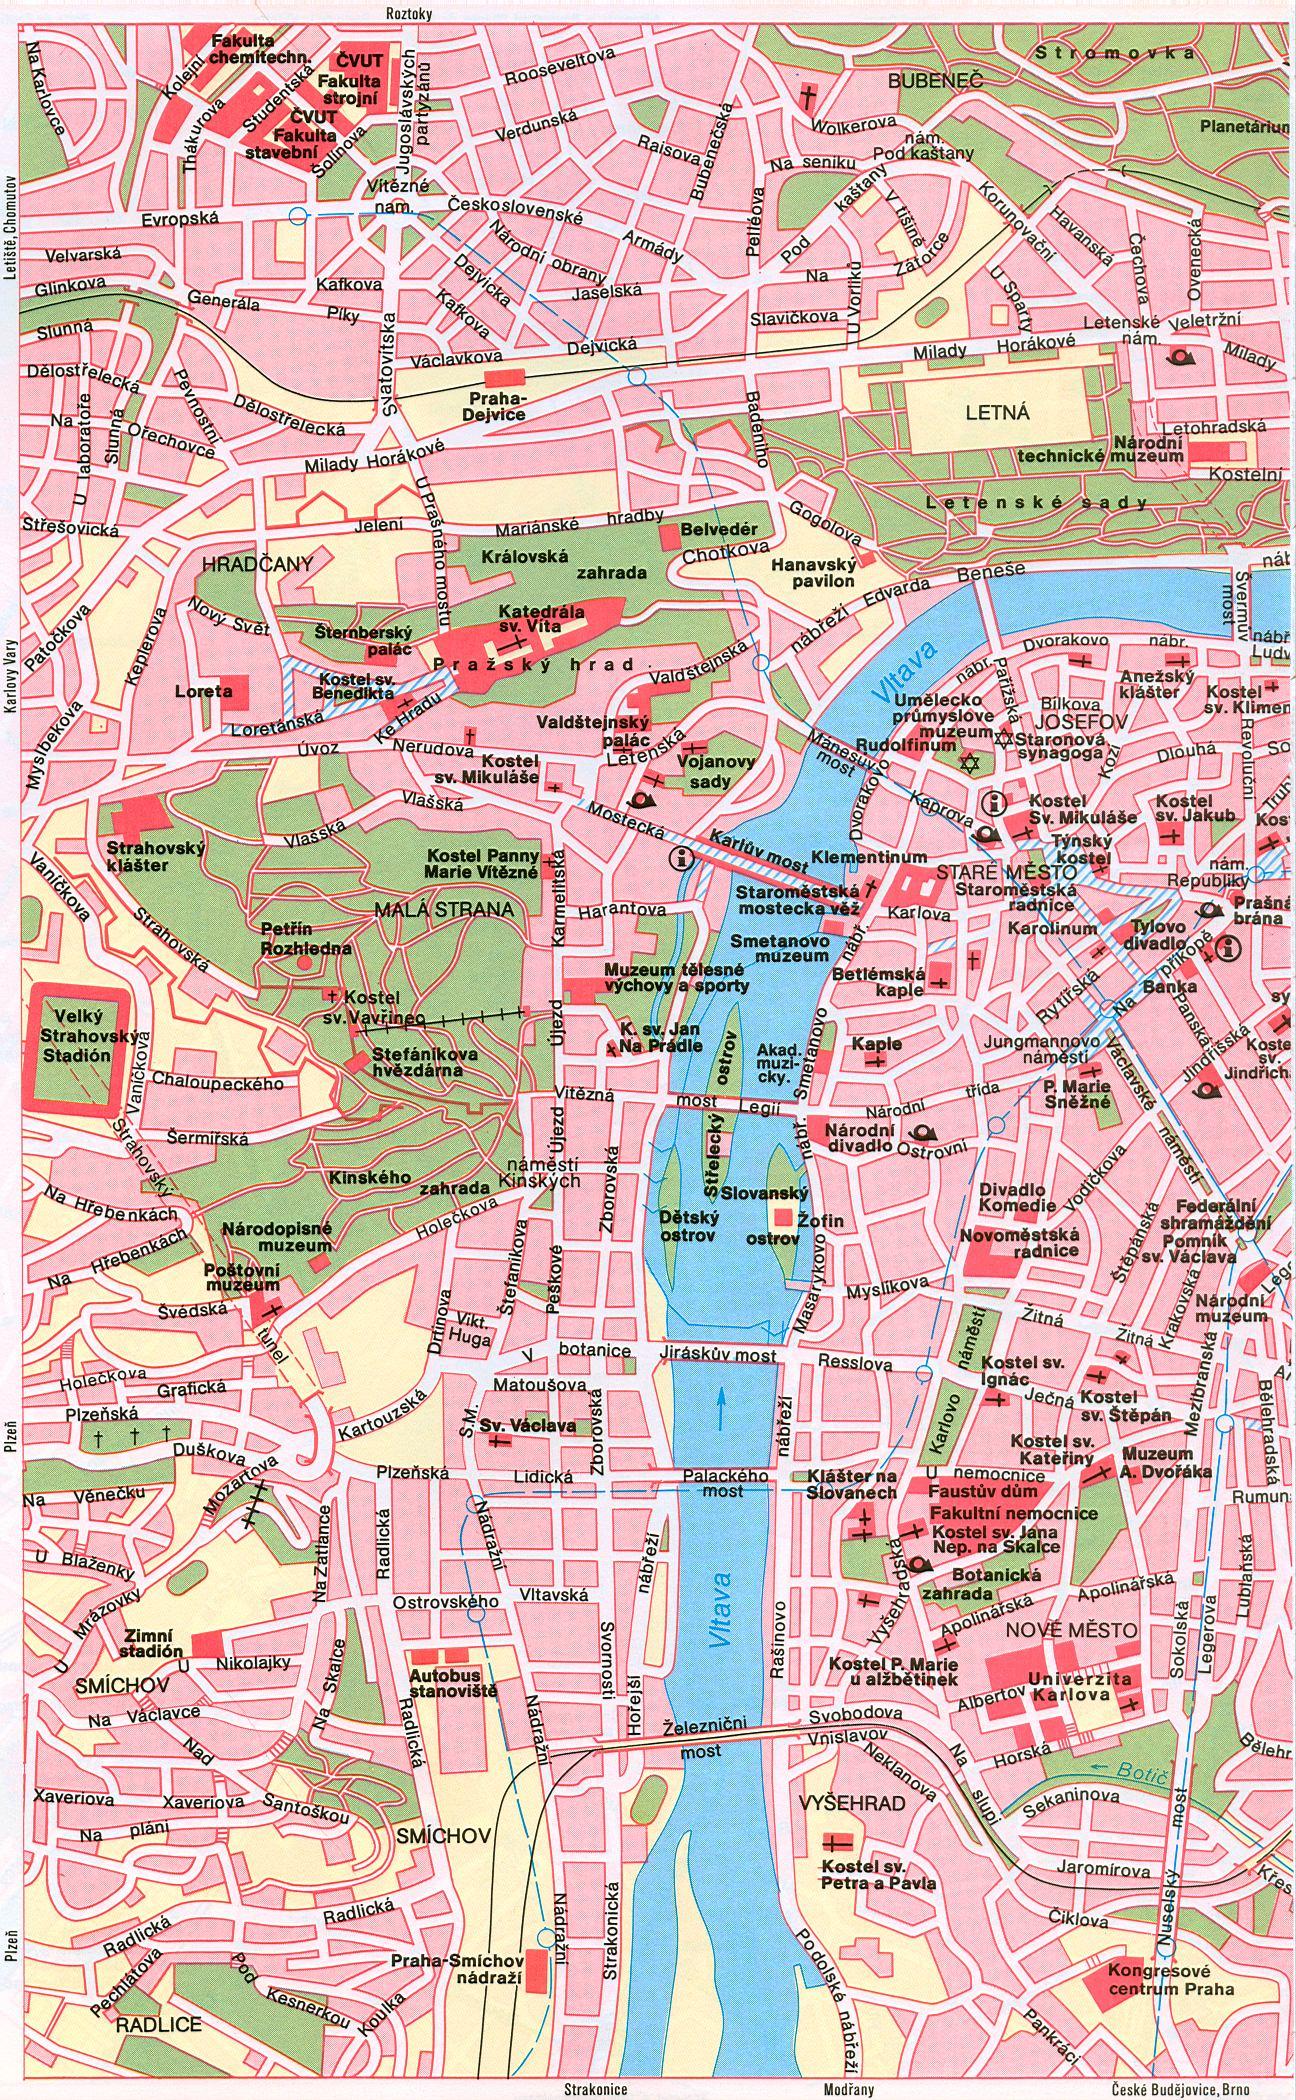 Карта парижа на русском скачать paris map